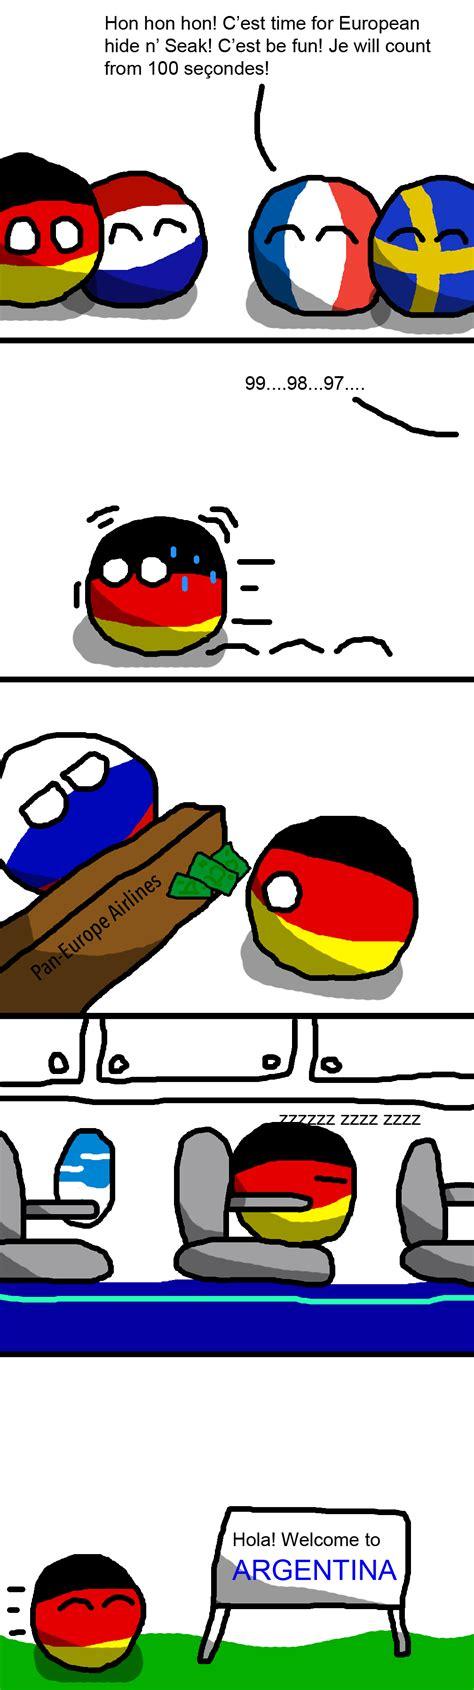 Spongebob i surrender spongebob meme fry cook spongebob france germany spongebob i surrender france vs germany meme. A Classic German Trick : polandball